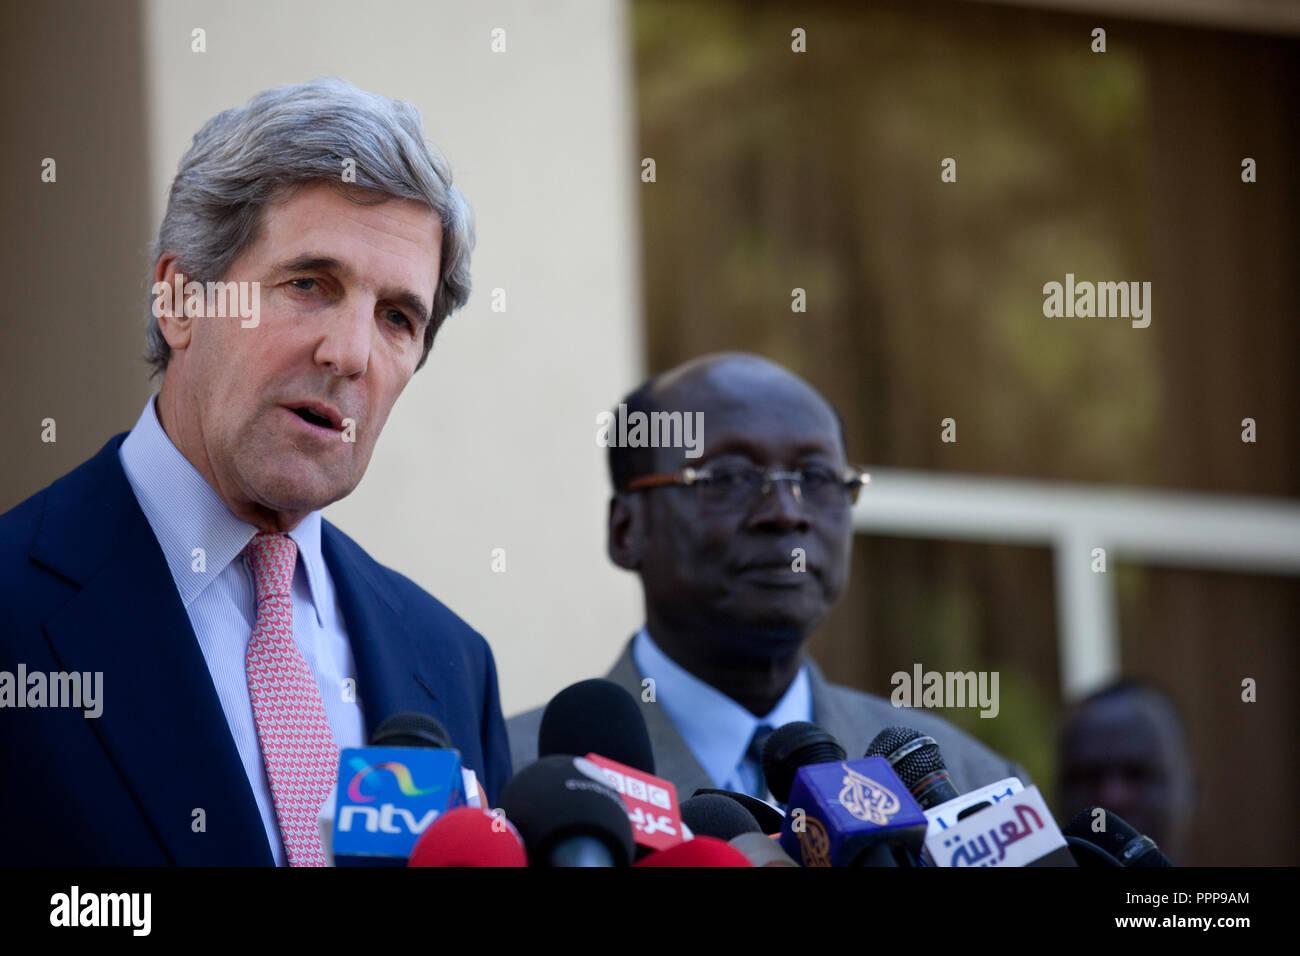 8 janvier 2011 - Juba, Soudan - Le sénateur américain John Kerry s'adresse aux journalistes à la suite de sa rencontre avec le président du Sud-soudan Salva Kiir à Juba, dans le sud du Soudan. Le sud du Soudan commence le vote dans un référendum sur l'indépendance d'une semaine que le dimanche est susceptible de voir le plus grand pays d'Afrique se divisa en deux. Pour que le référendum d'adopter, la majorité simple doit voter pour l'indépendance et de 60 pour cent des 3,9 millions d'électeurs inscrits doivent voter. Crédit photo: Benedicte Desrus Banque D'Images